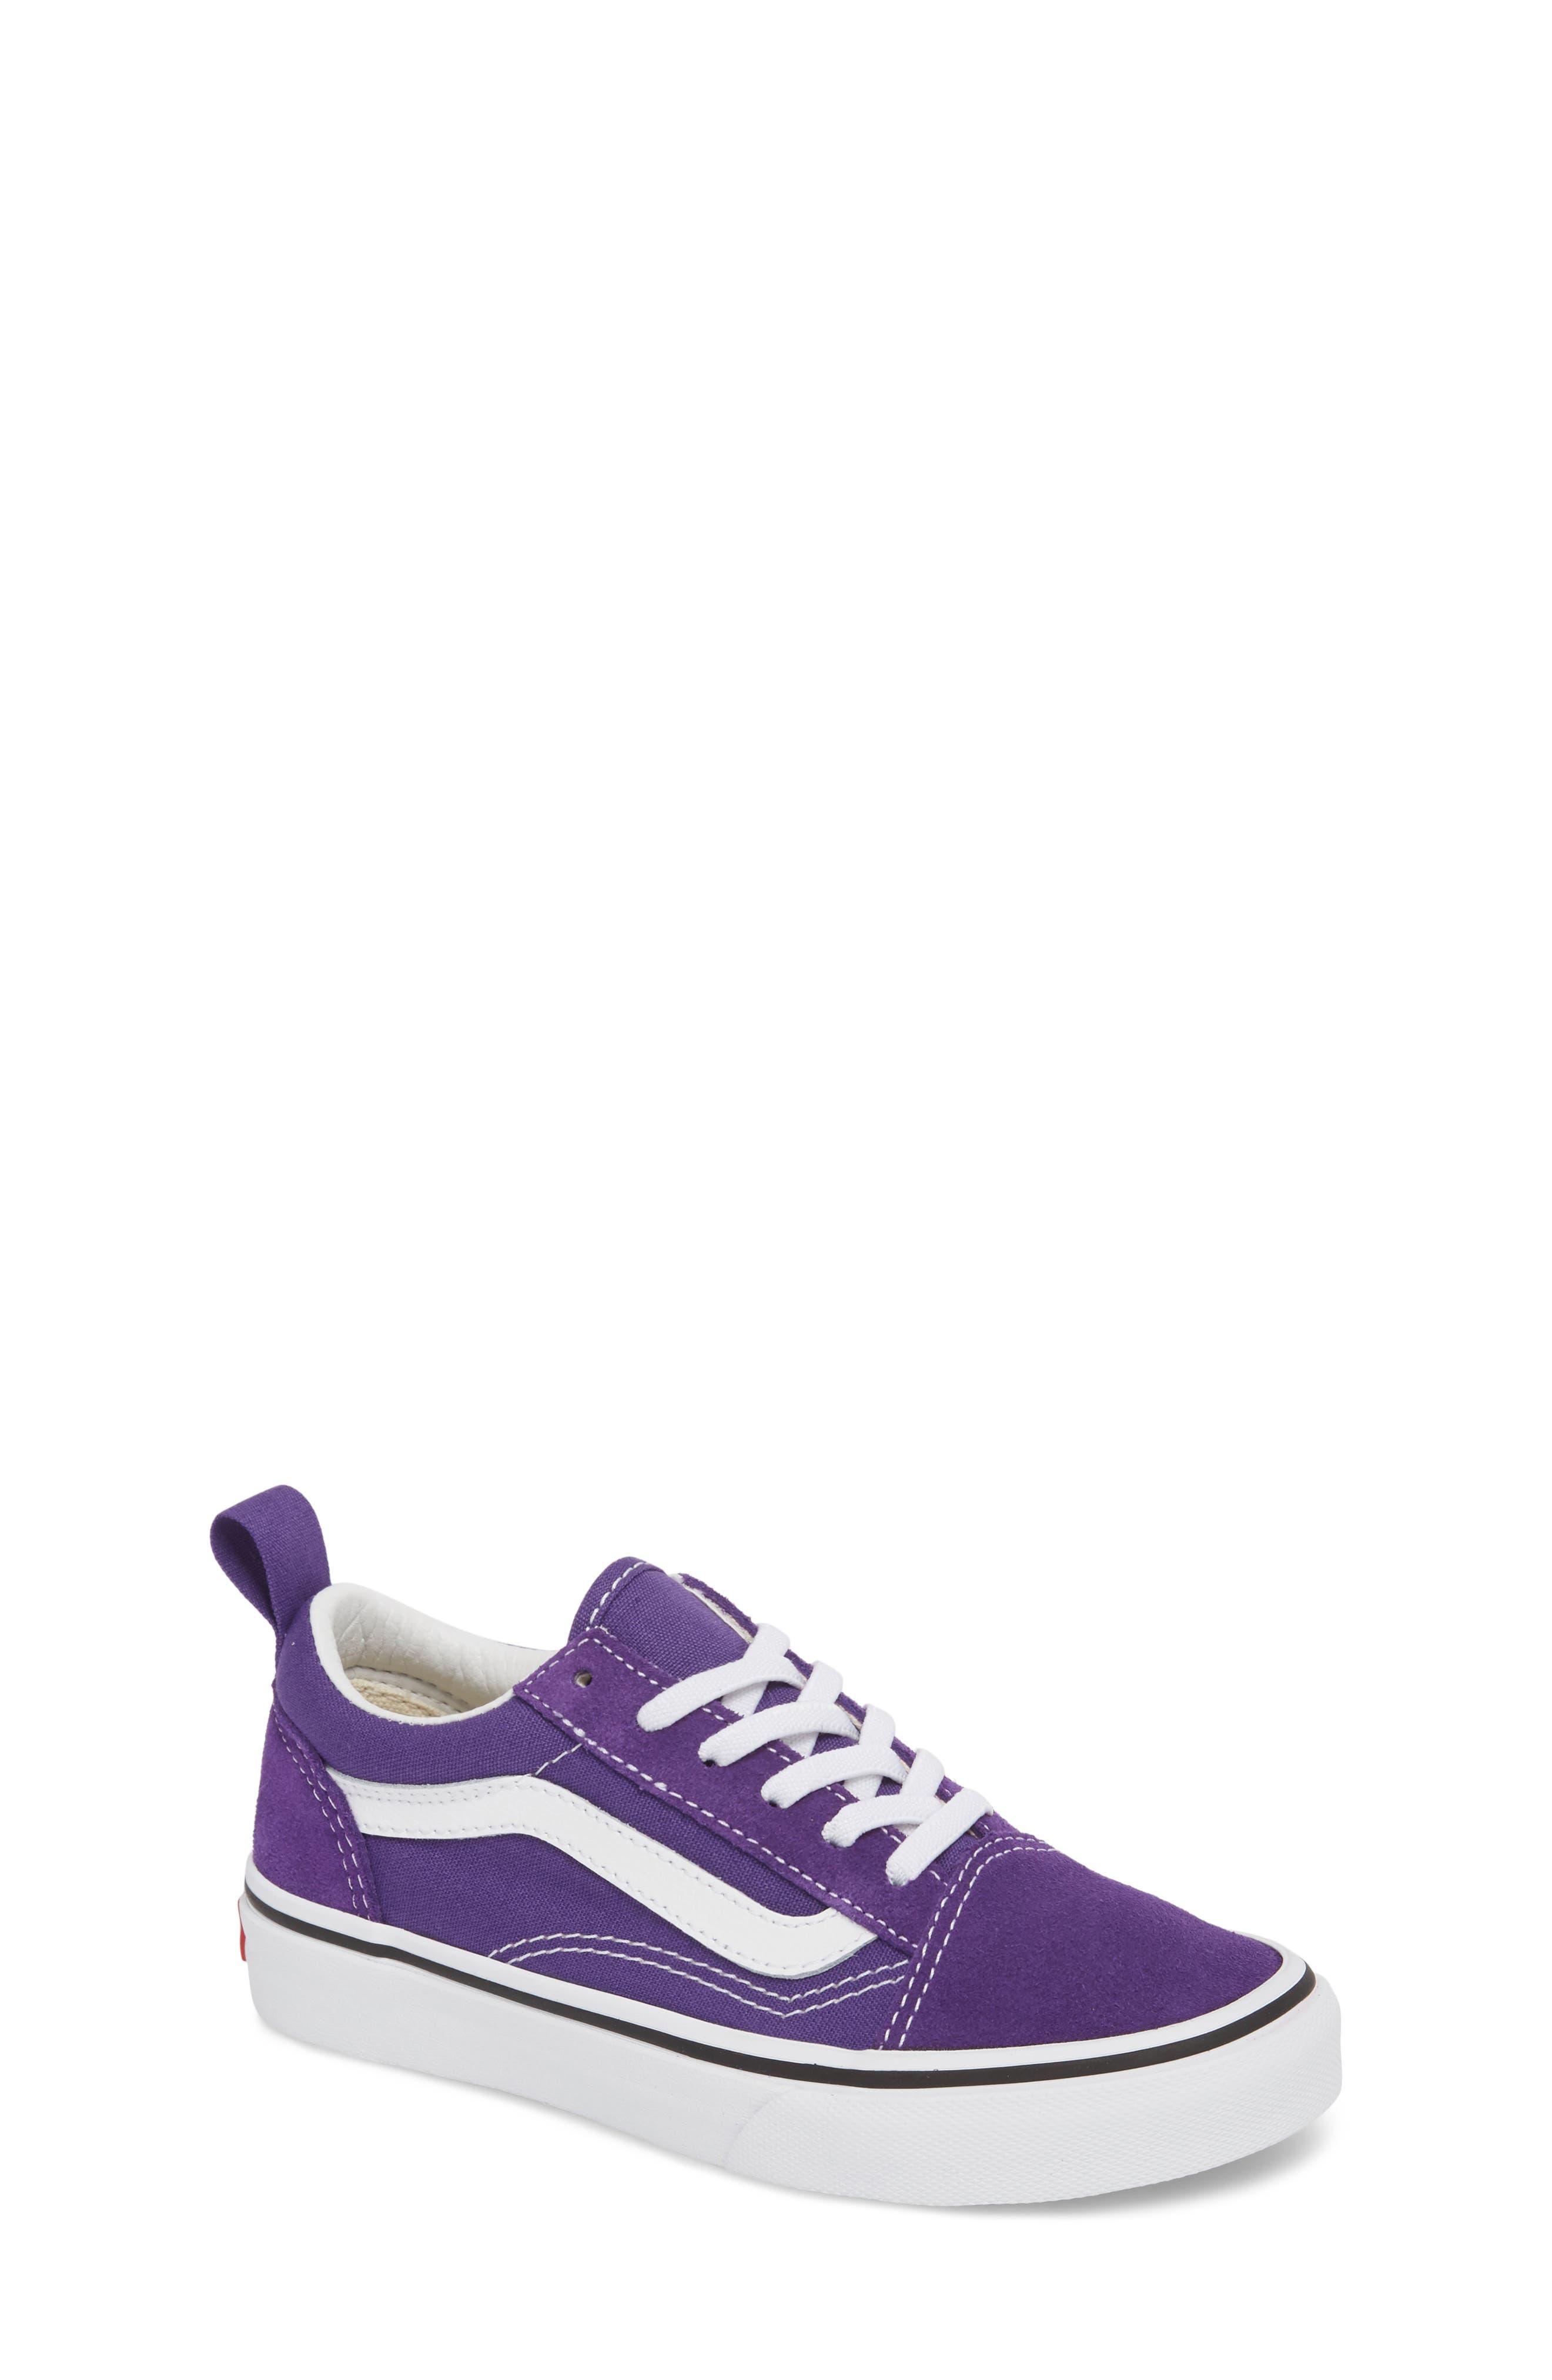 'Old Skool' Skate Sneaker,                             Main thumbnail 1, color,                             HELIOTROPE/ WHITE